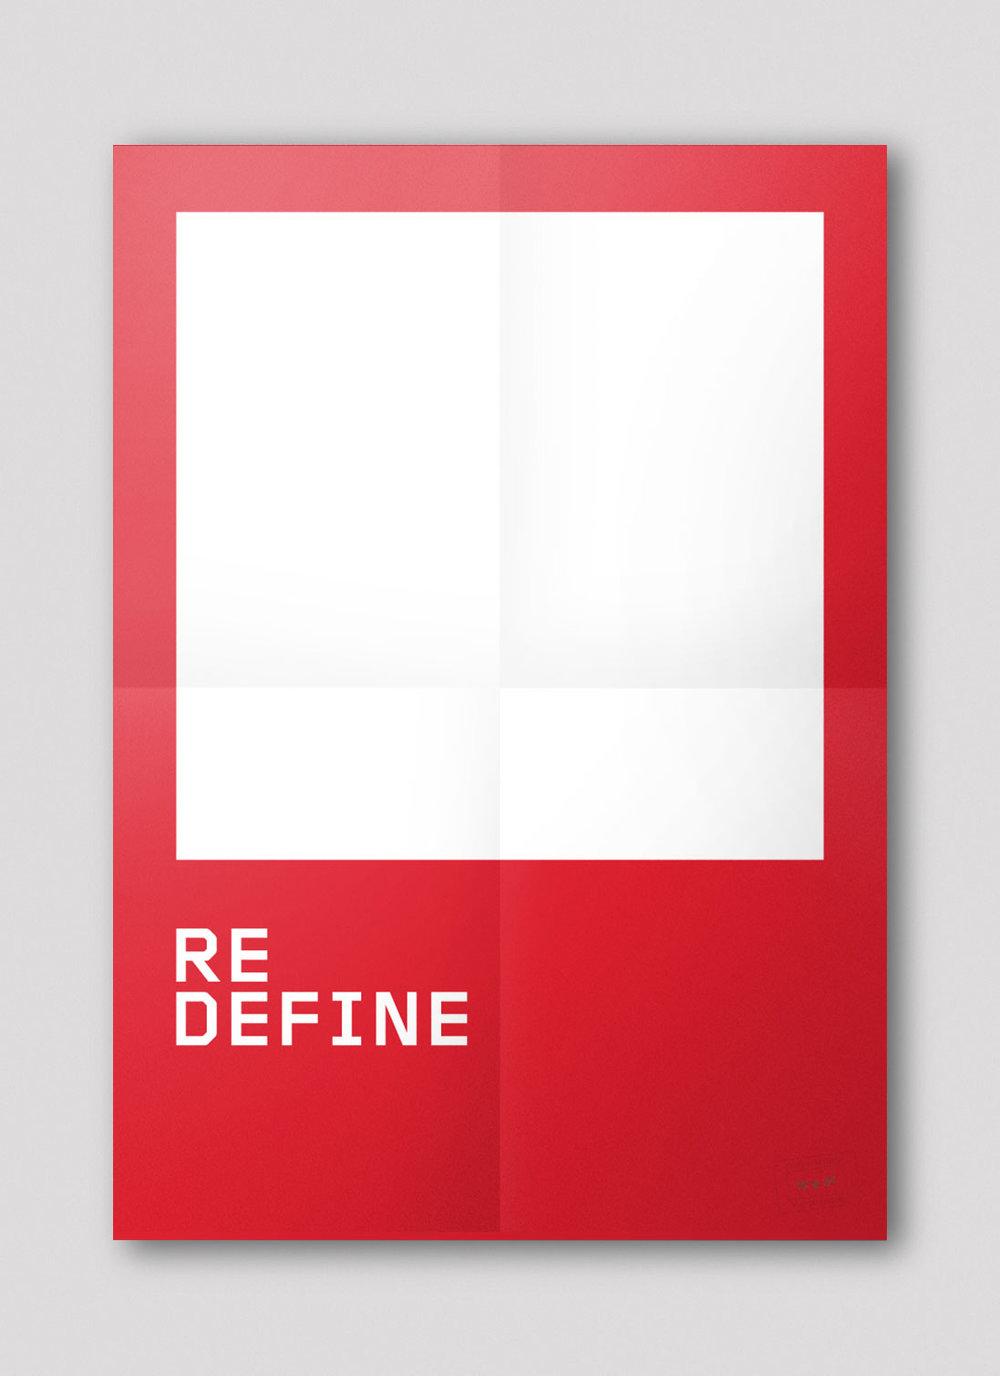 111025-redefine.jpg